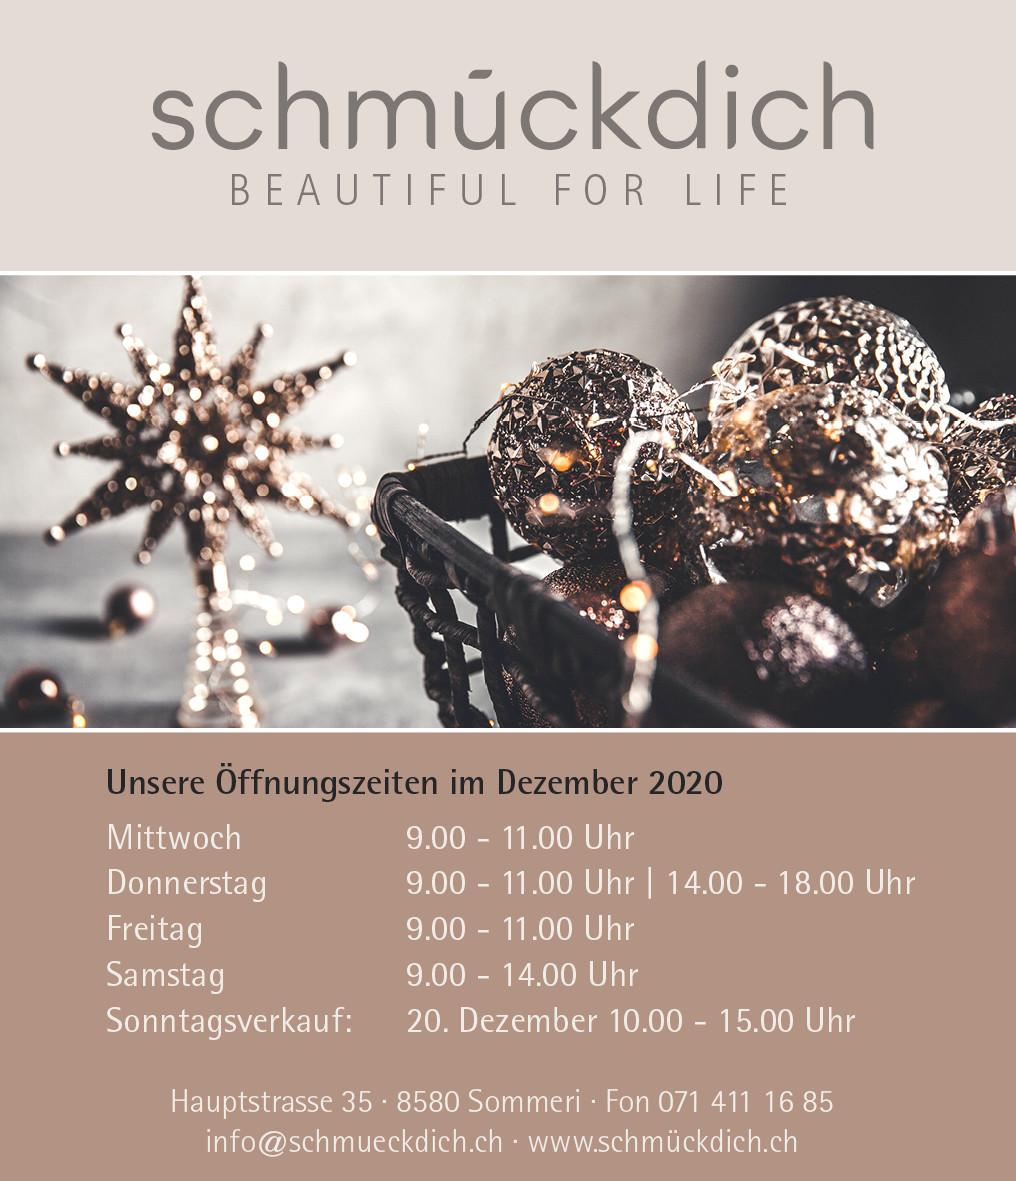 Schmueckdich_Inserat.jpg